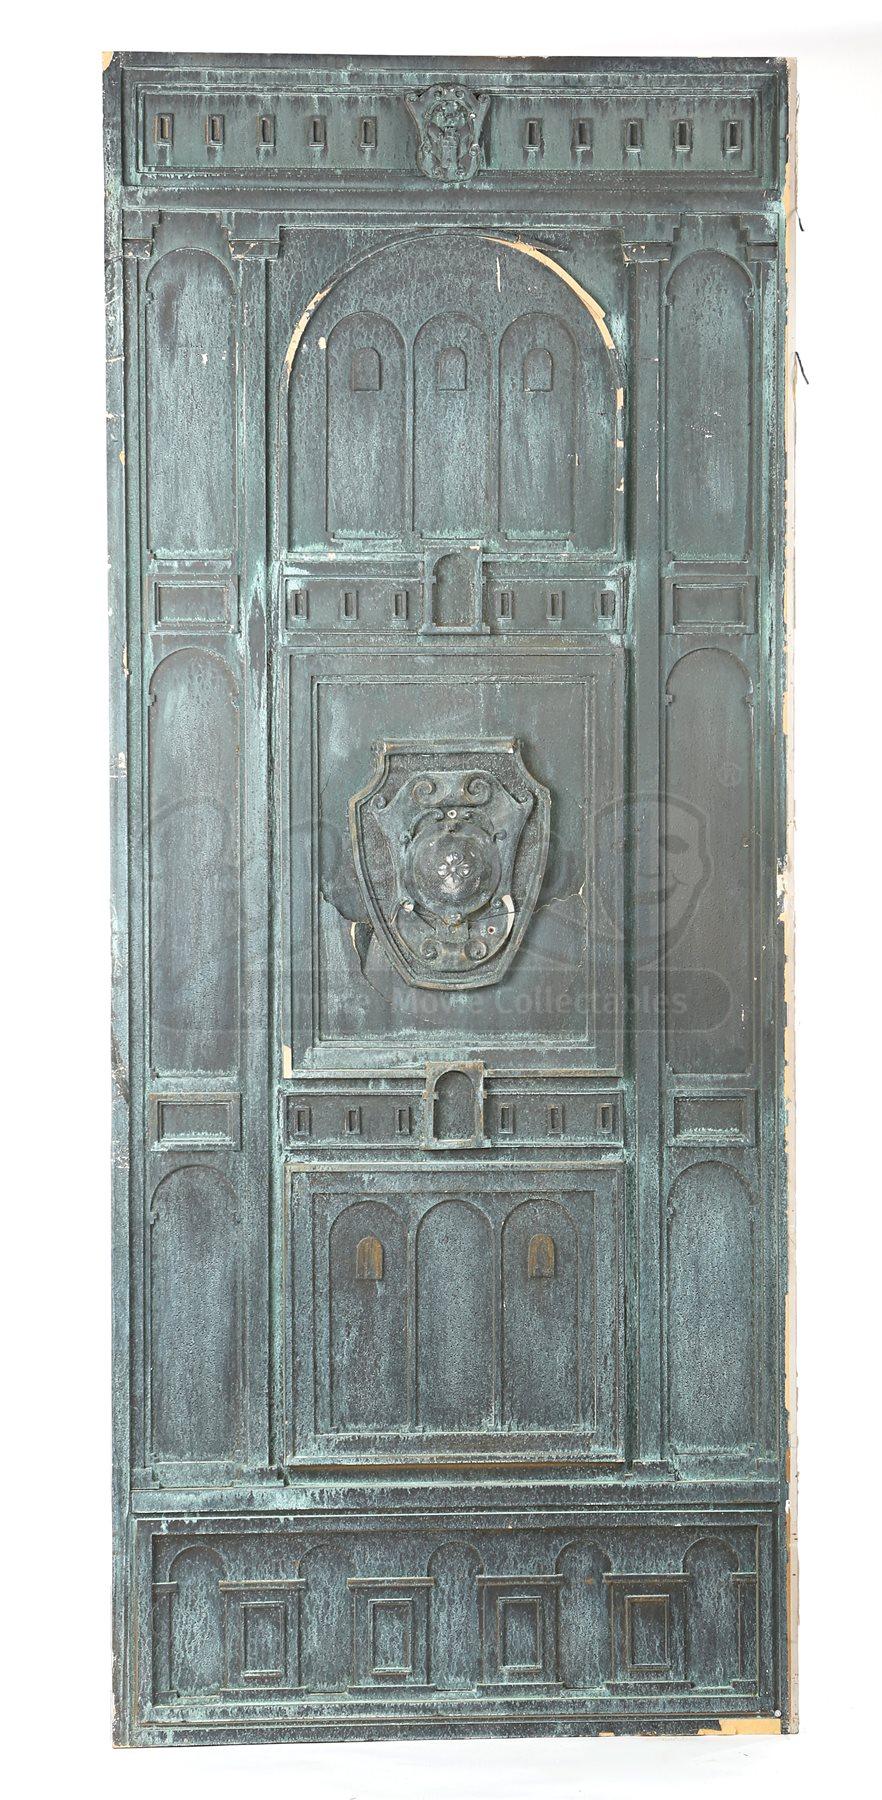 Gentil Lot #: 454. Volturi Chamber Door